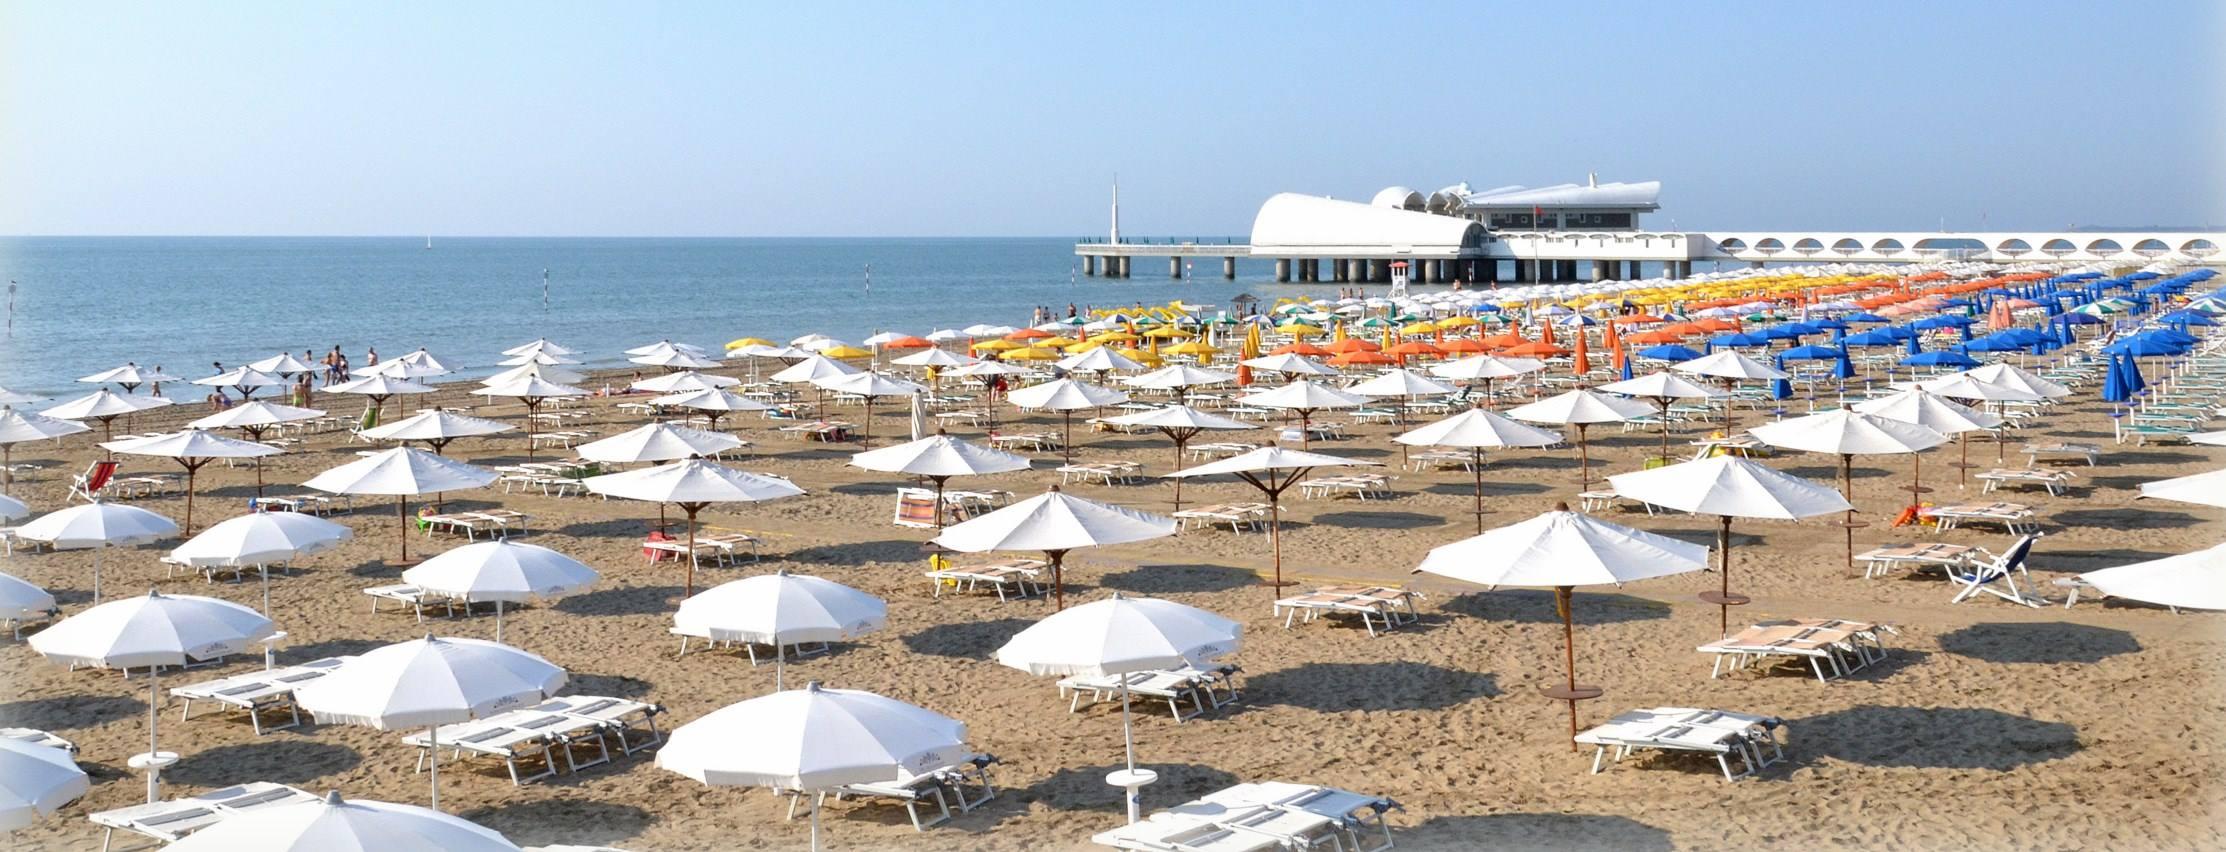 Spiaggia di Lignano Sabbiadoro | Ombrelloni bianchi